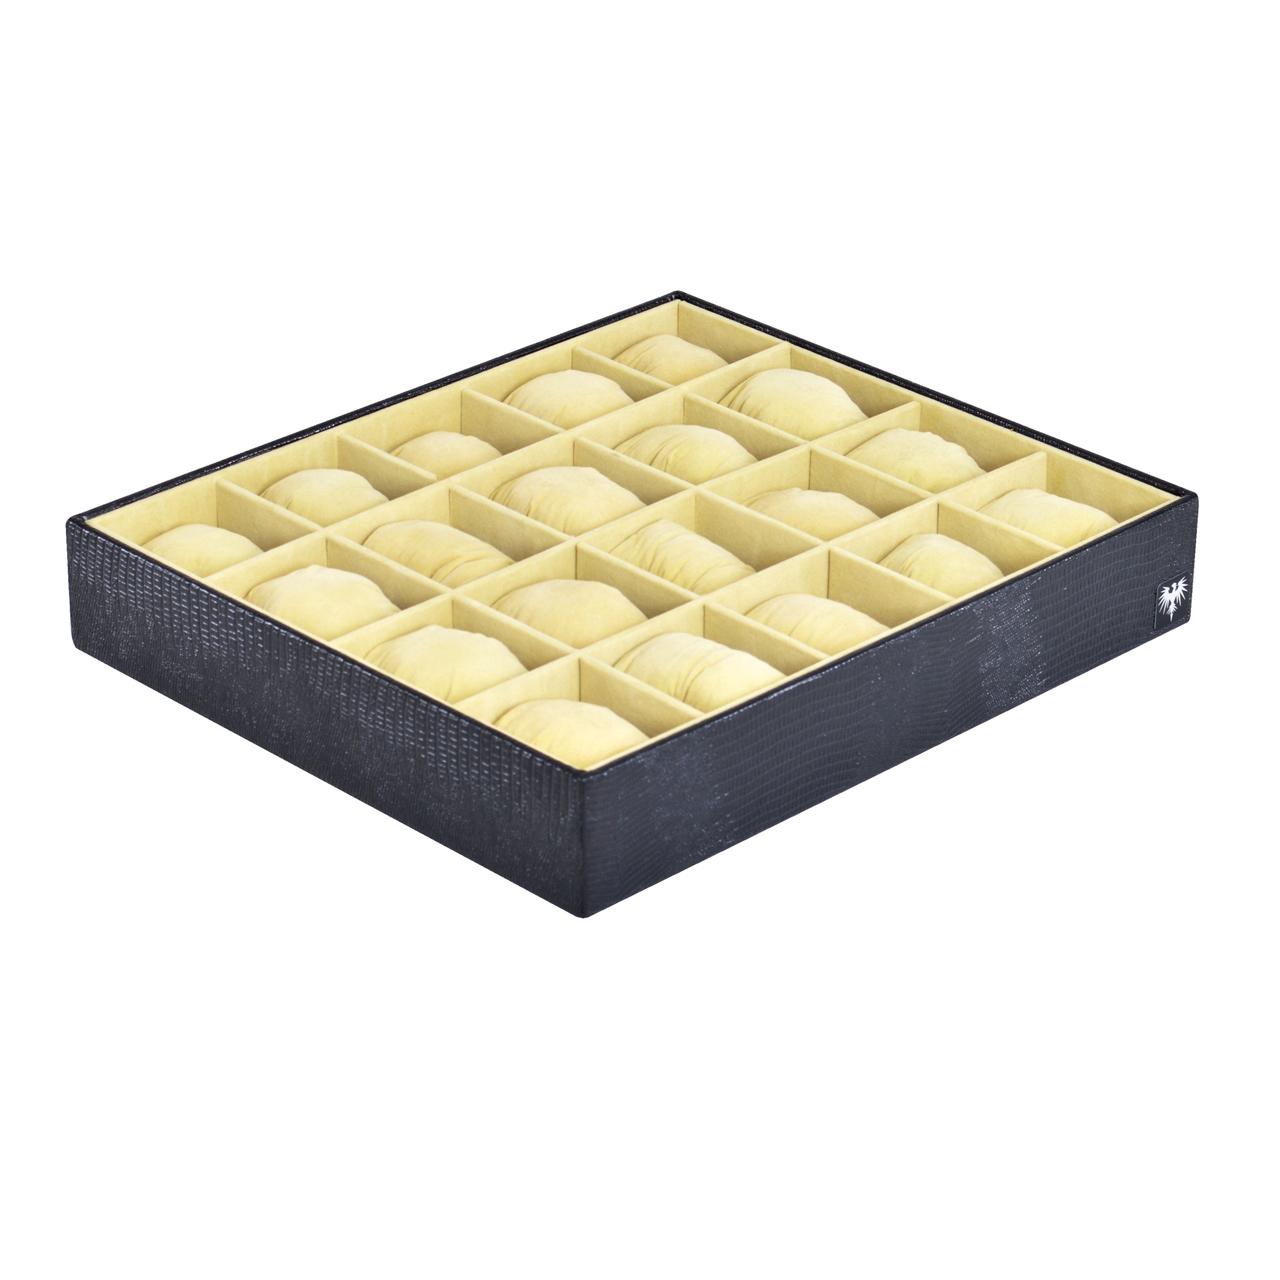 bandeja-couro-ecologico-20-relogios-preto-bege-porta-closet-imagem-2.jpg